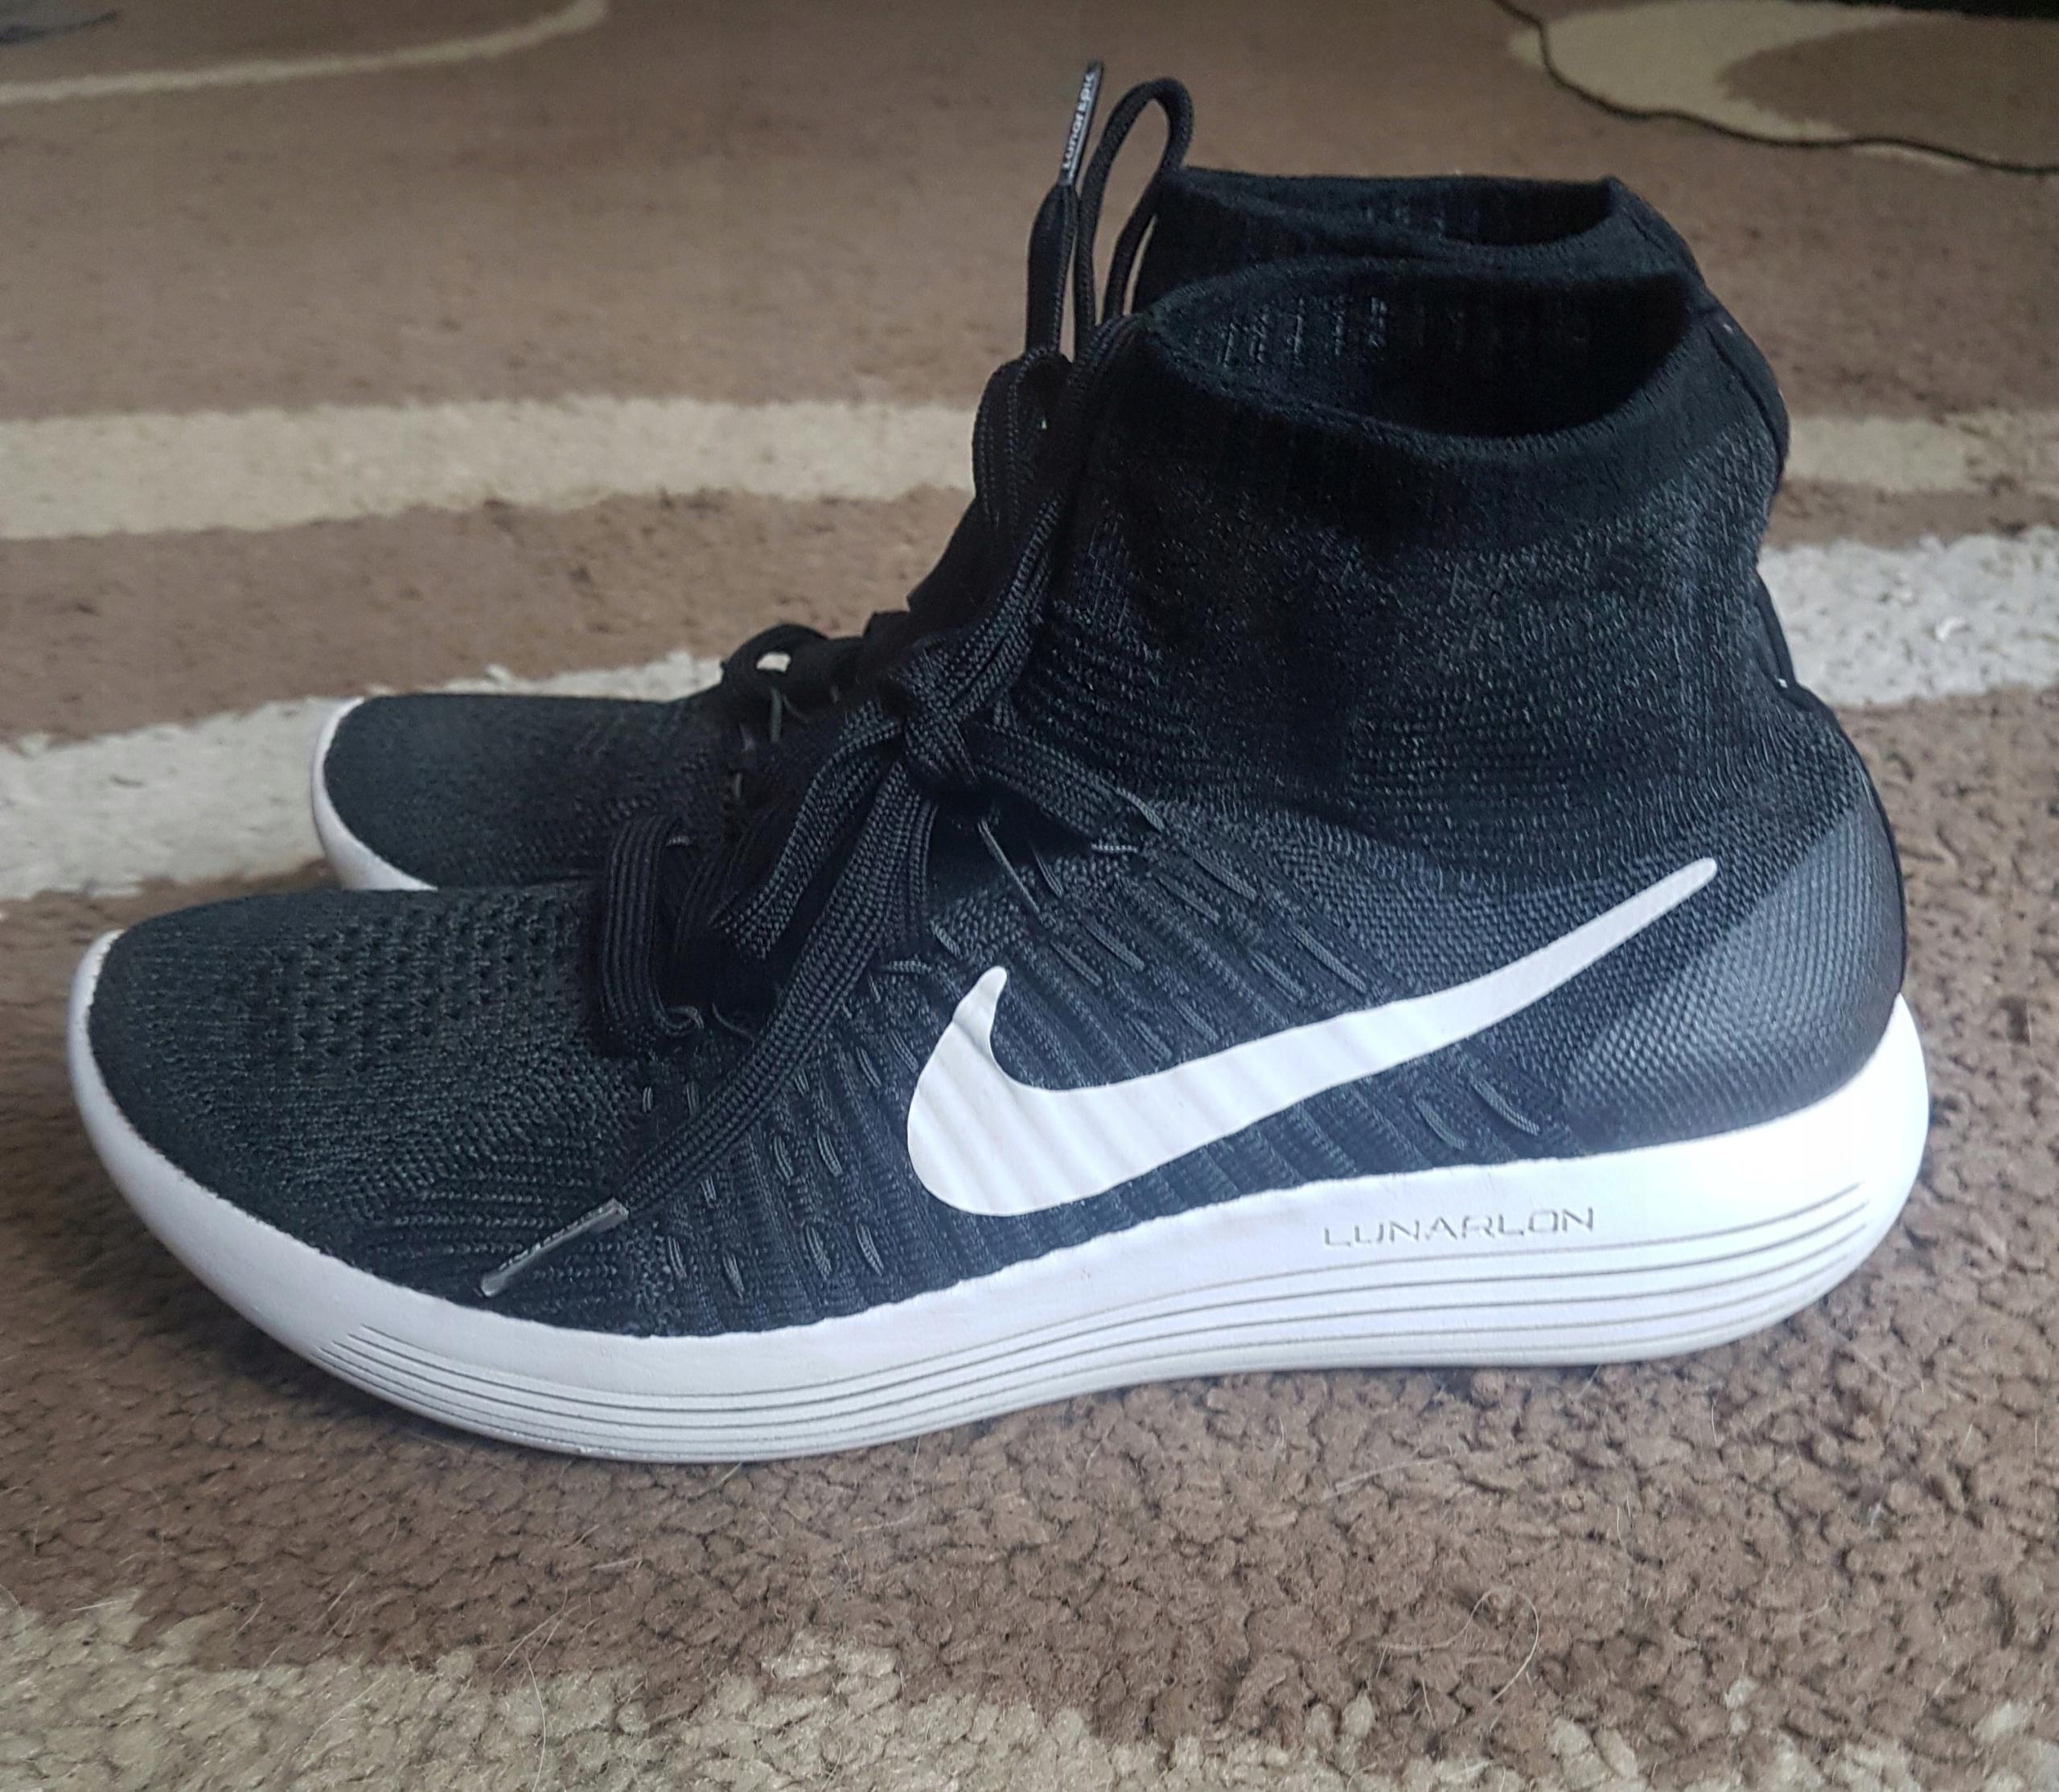 zamówienie online sklep z wyprzedażami przedstawianie Buty Nike Lunarlon r.39